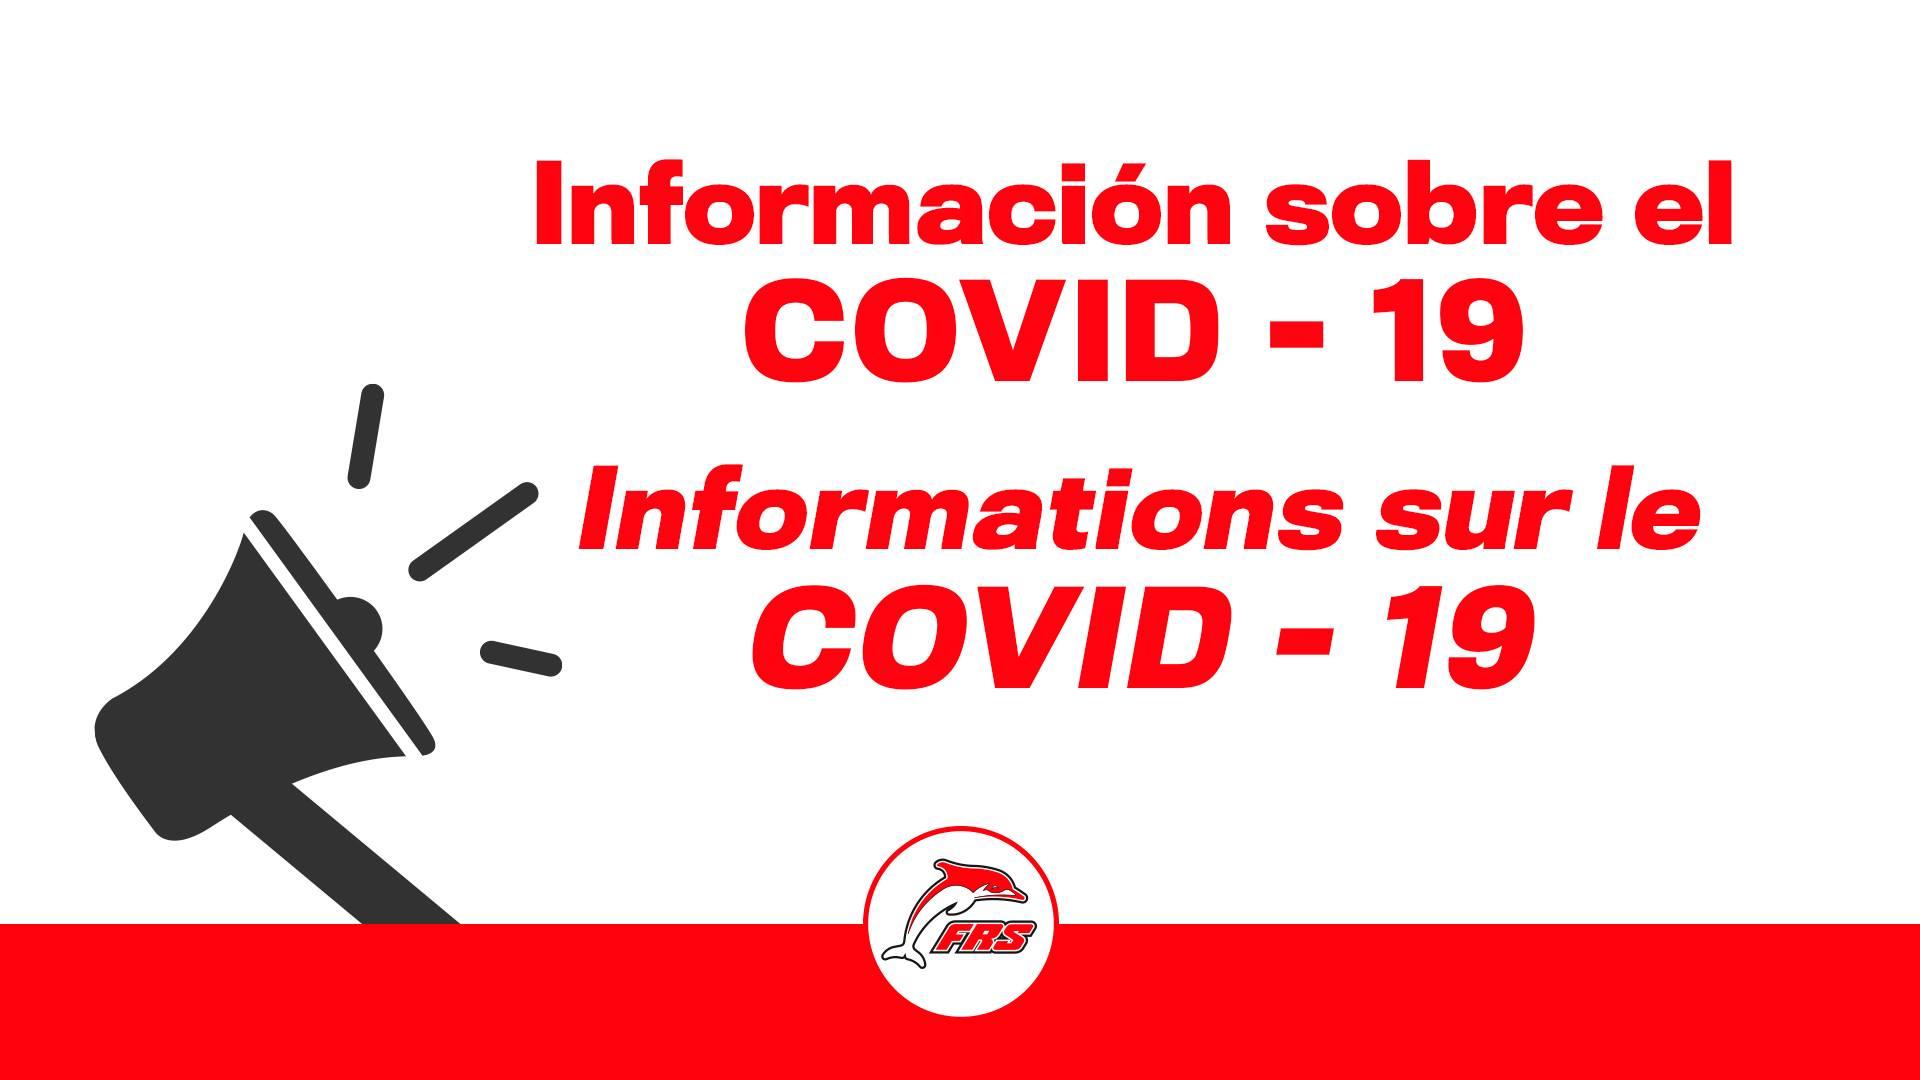 FRS anuncia la cancelación de todas sus salidas hacia Ceuta desde este martes